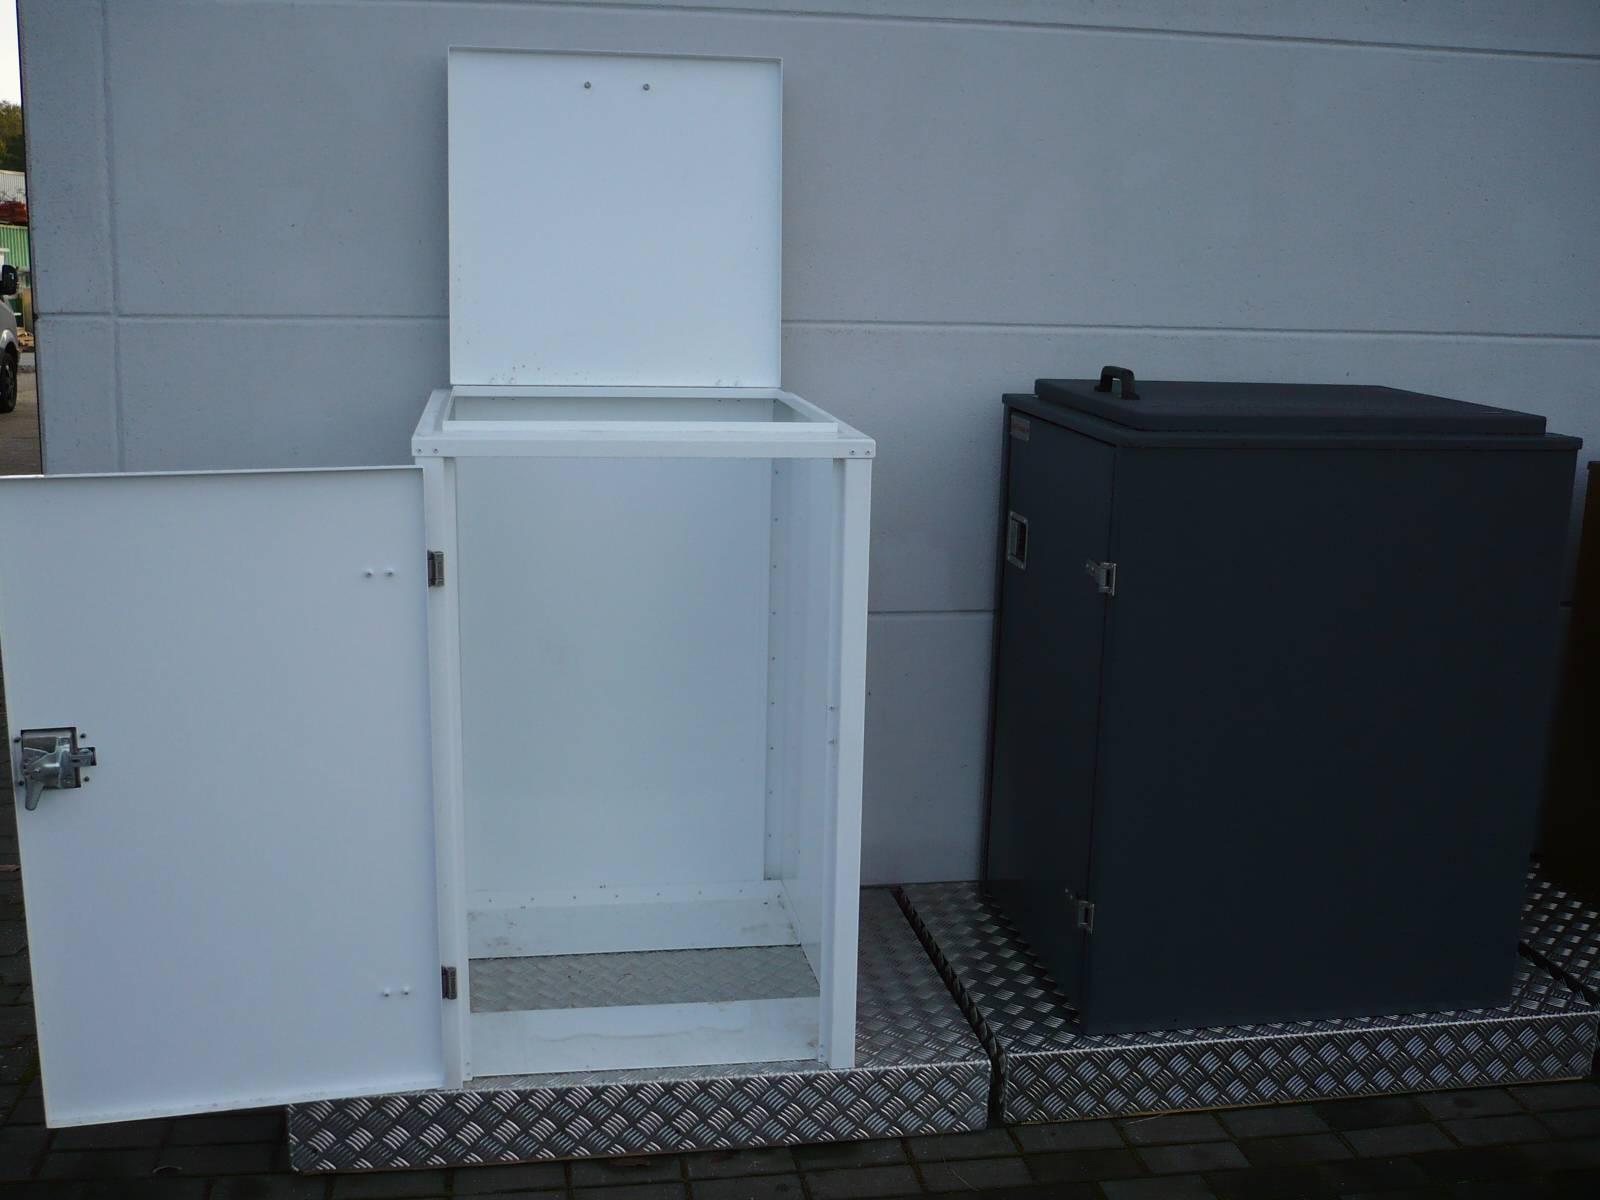 Alutraum_Tonnenbox-5